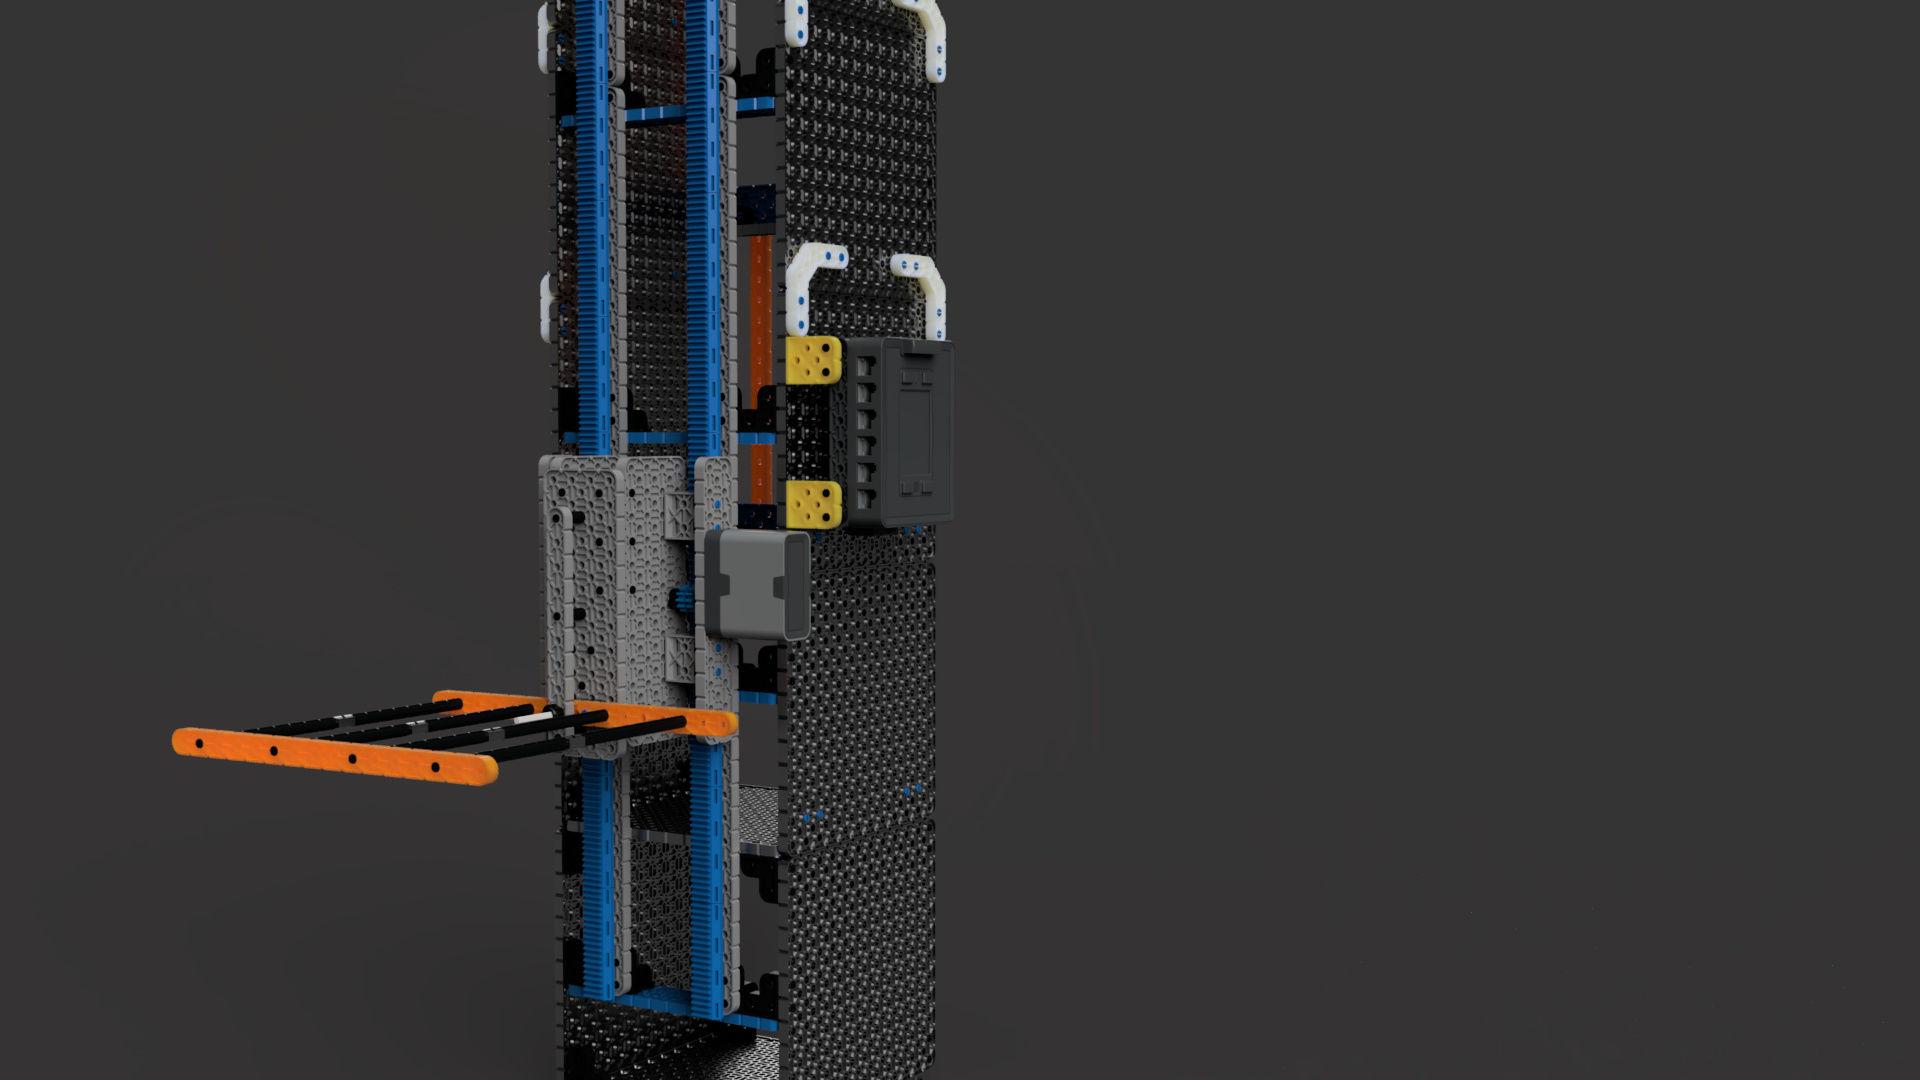 Elevador---desafio-de-robotica-2019-2019-nov-28-03-48-34pm-000-customizedview49690389963-jpg-3500-3500